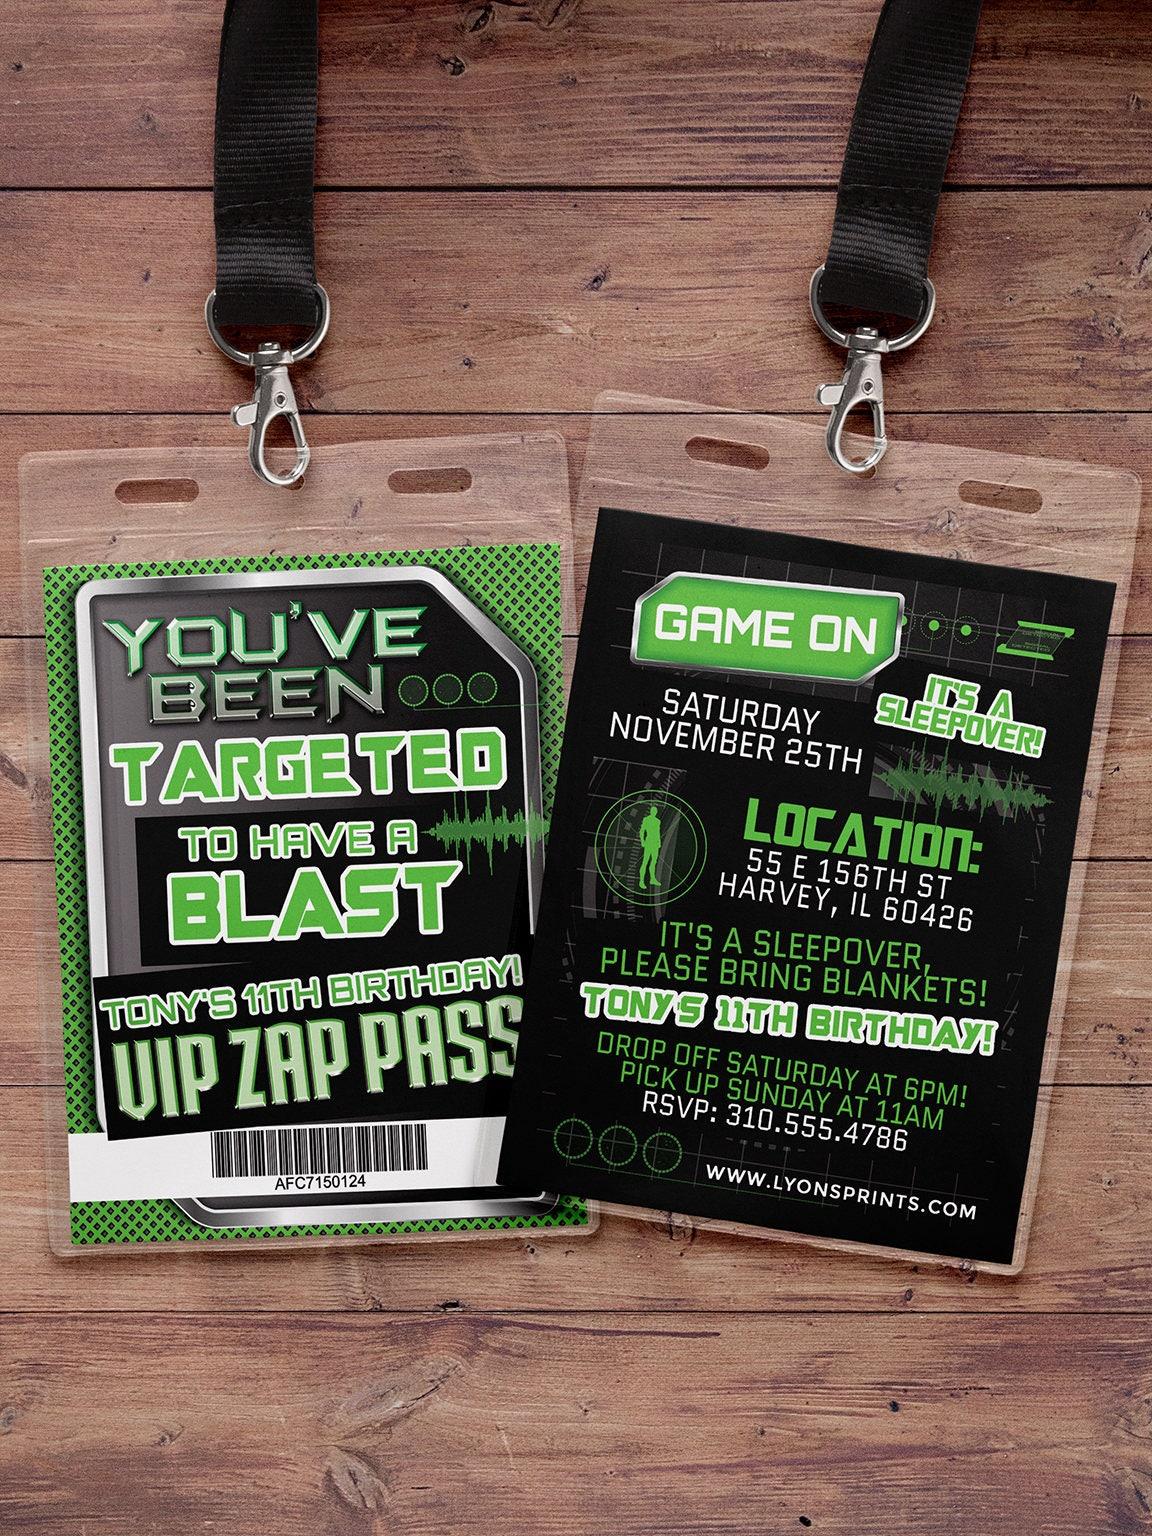 Laser tag invitation - VIP pass birthday invitations for laser tag ...